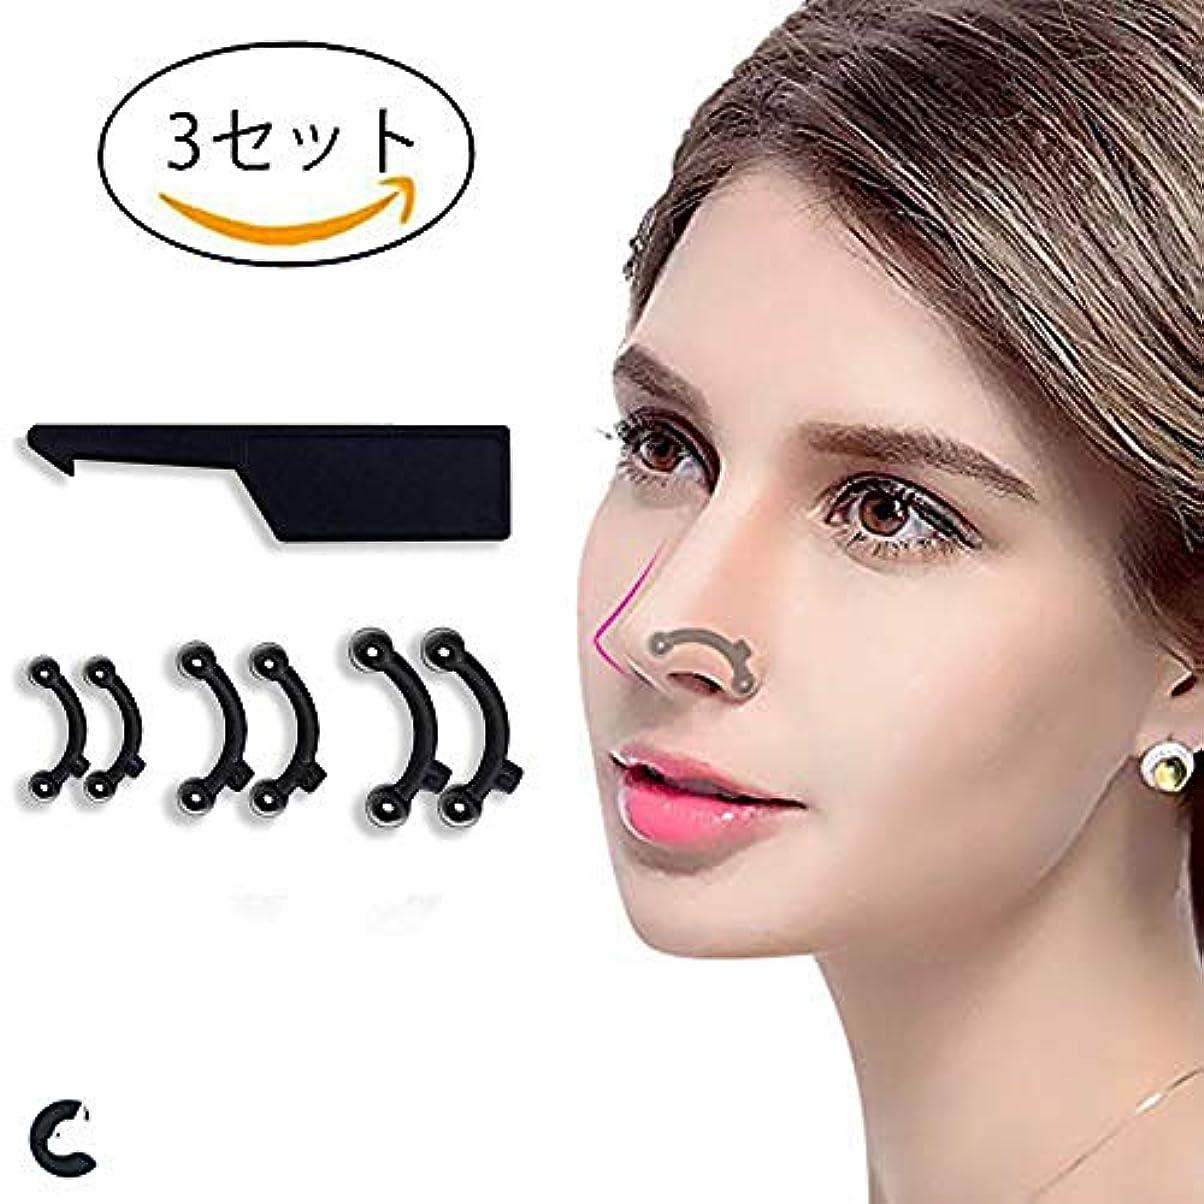 熟考するの前で金属ROOFTOPS 3サイズセット 鼻クリップ ノーズクリップ 鼻プチ 柔軟性高く ハナのアイプチ ビューティー正規品 矯正プチ 整形せず 鼻筋矯正 23mm/24.5mm/26mm全